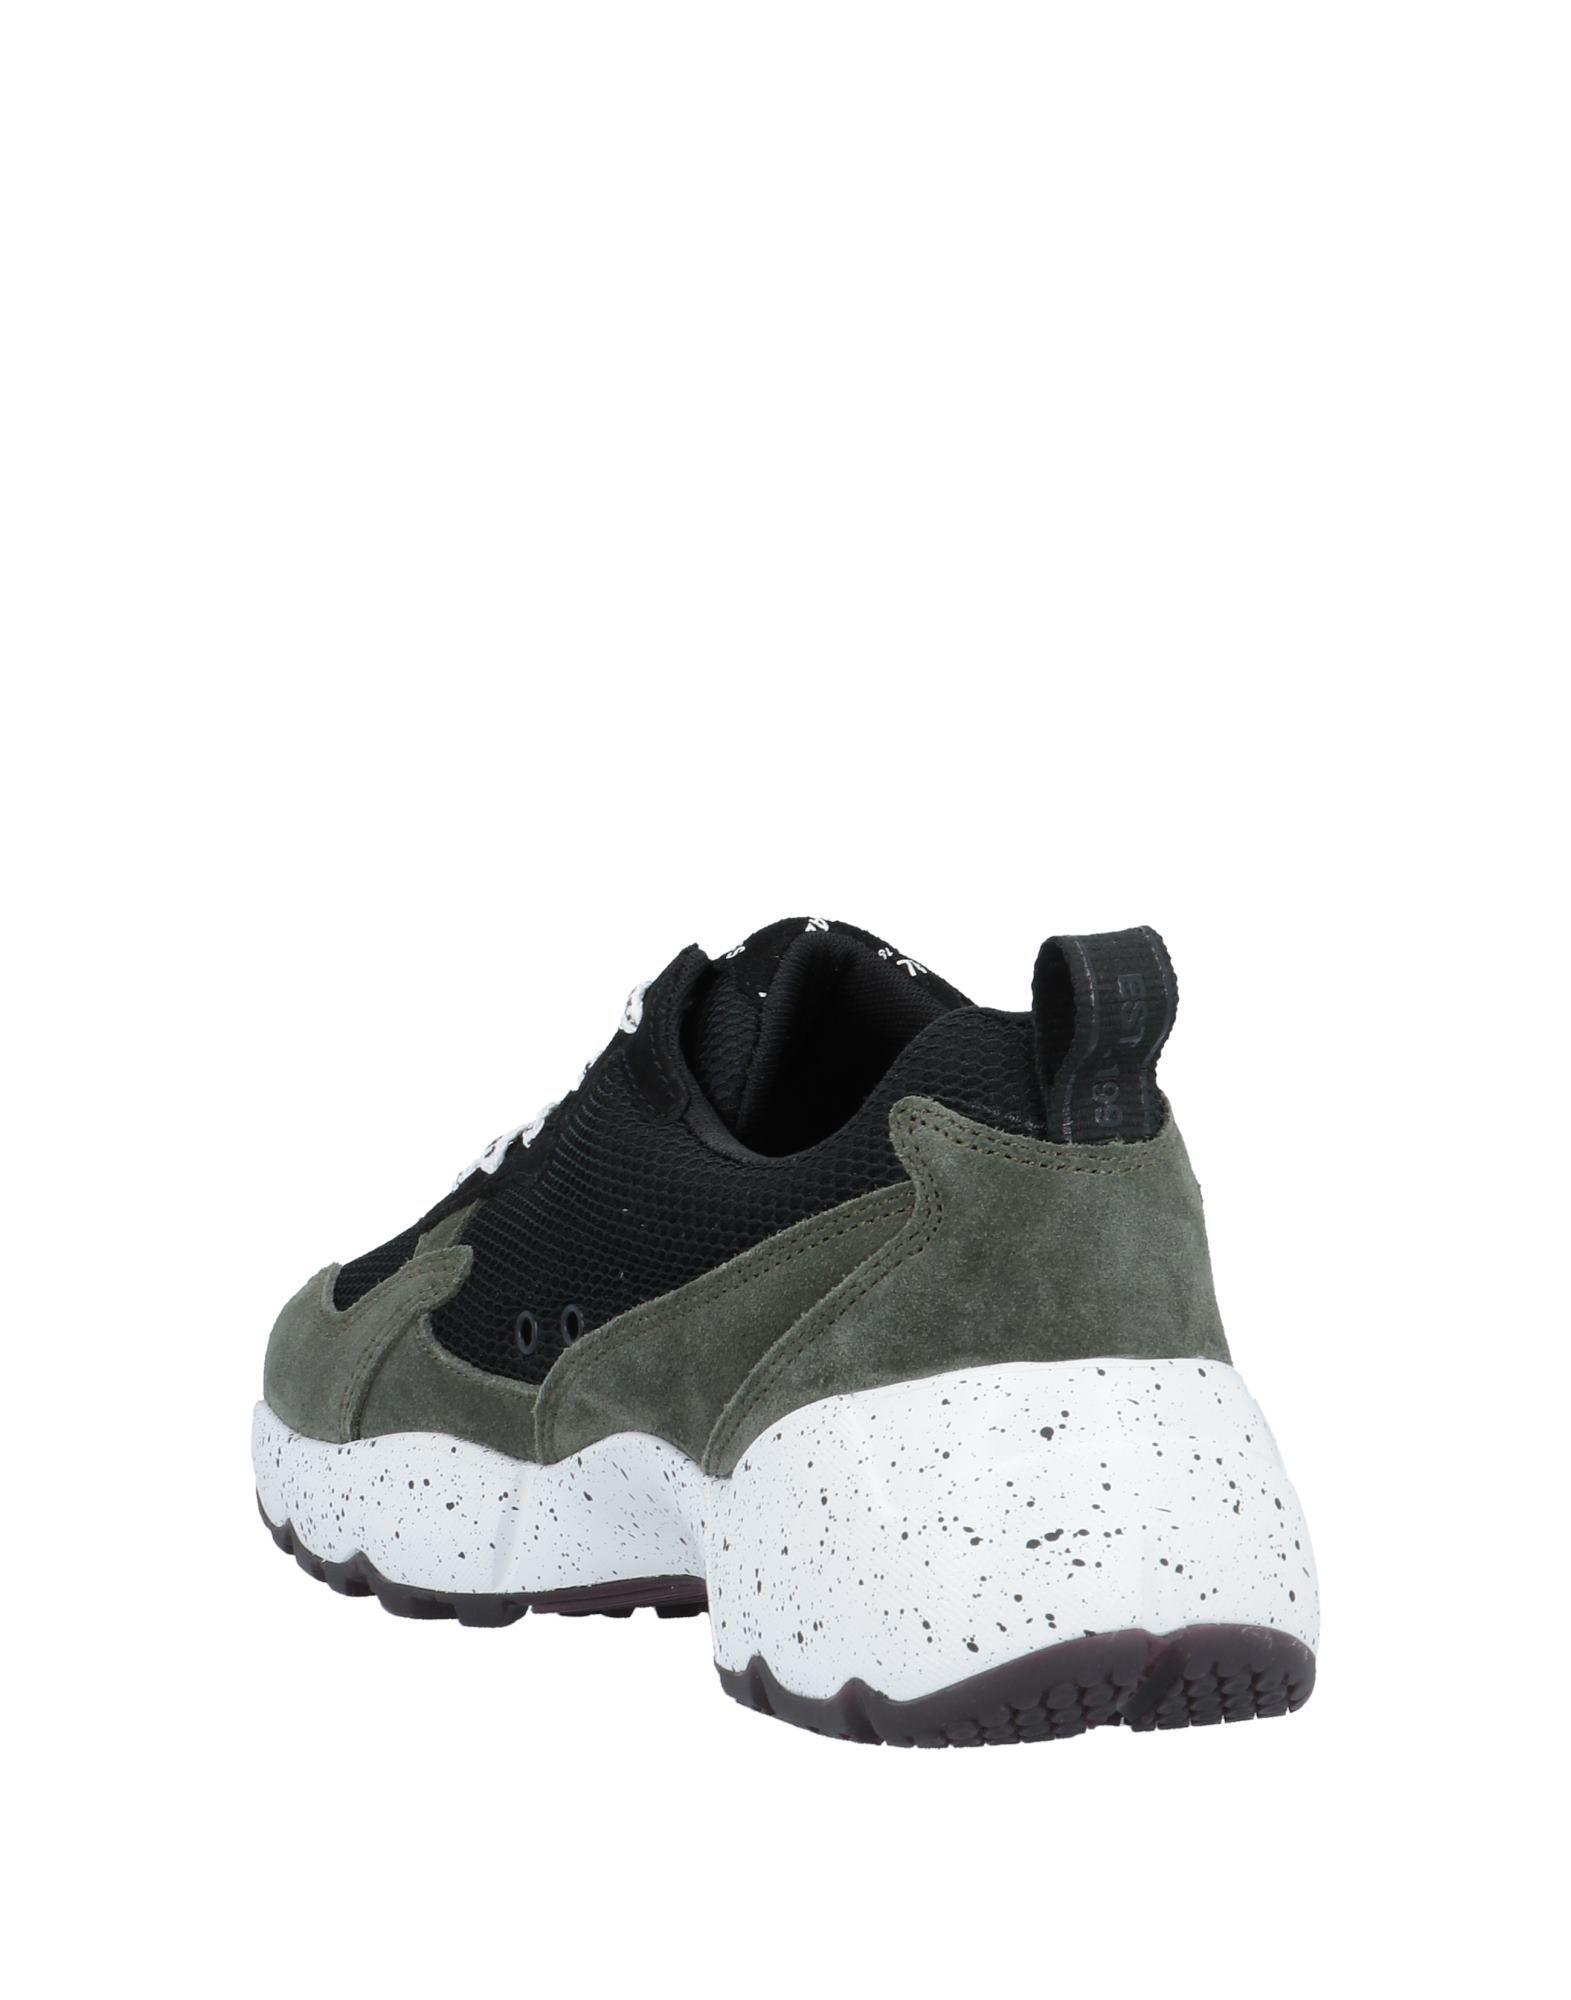 Footwear O.X.S. Black Women's Leather